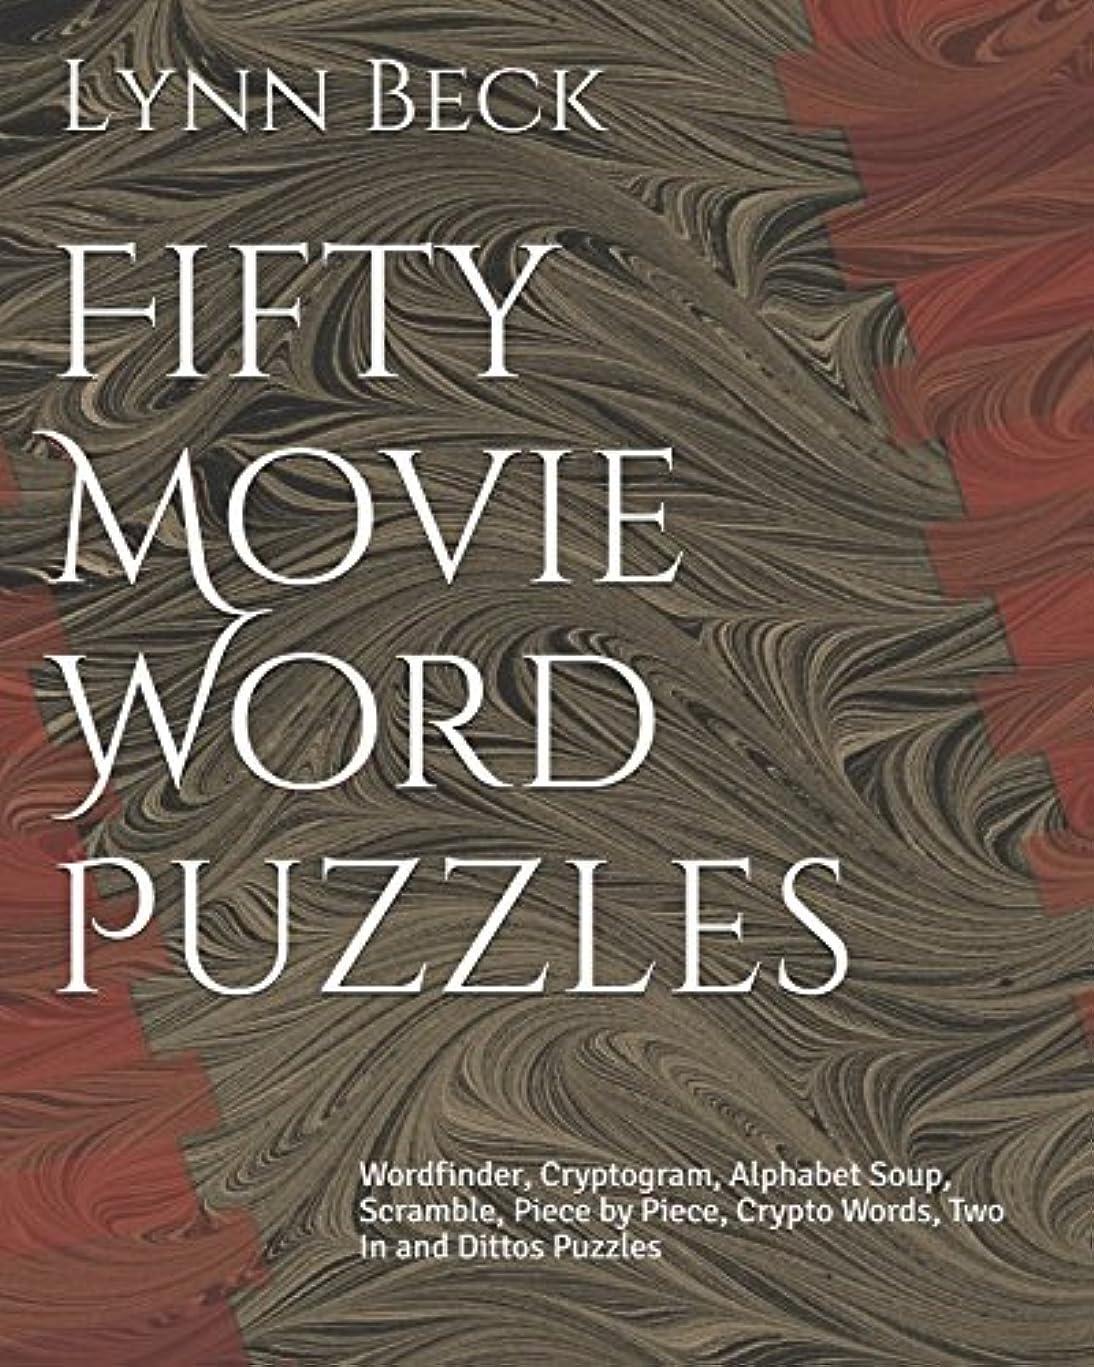 うがい我慢するアサートFifty Movie Word Puzzles